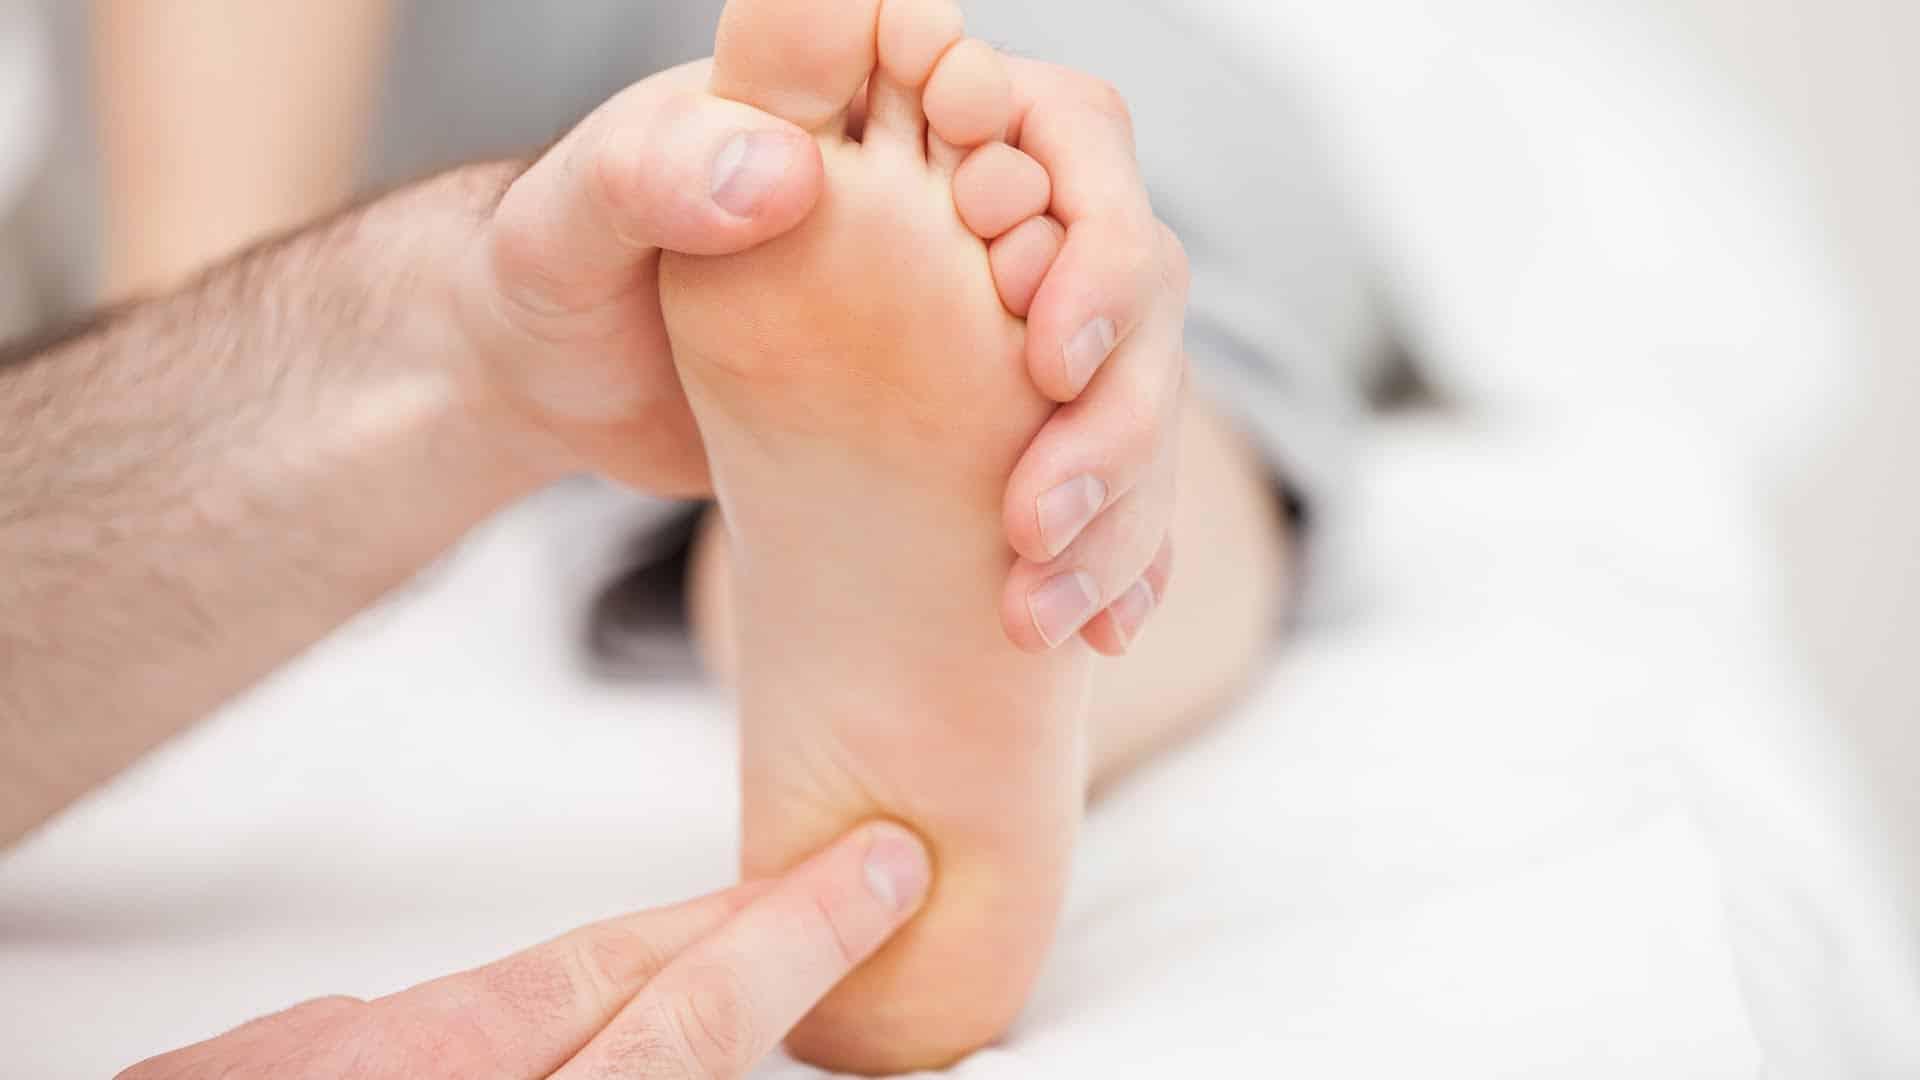 Hælspore og hælsmerter